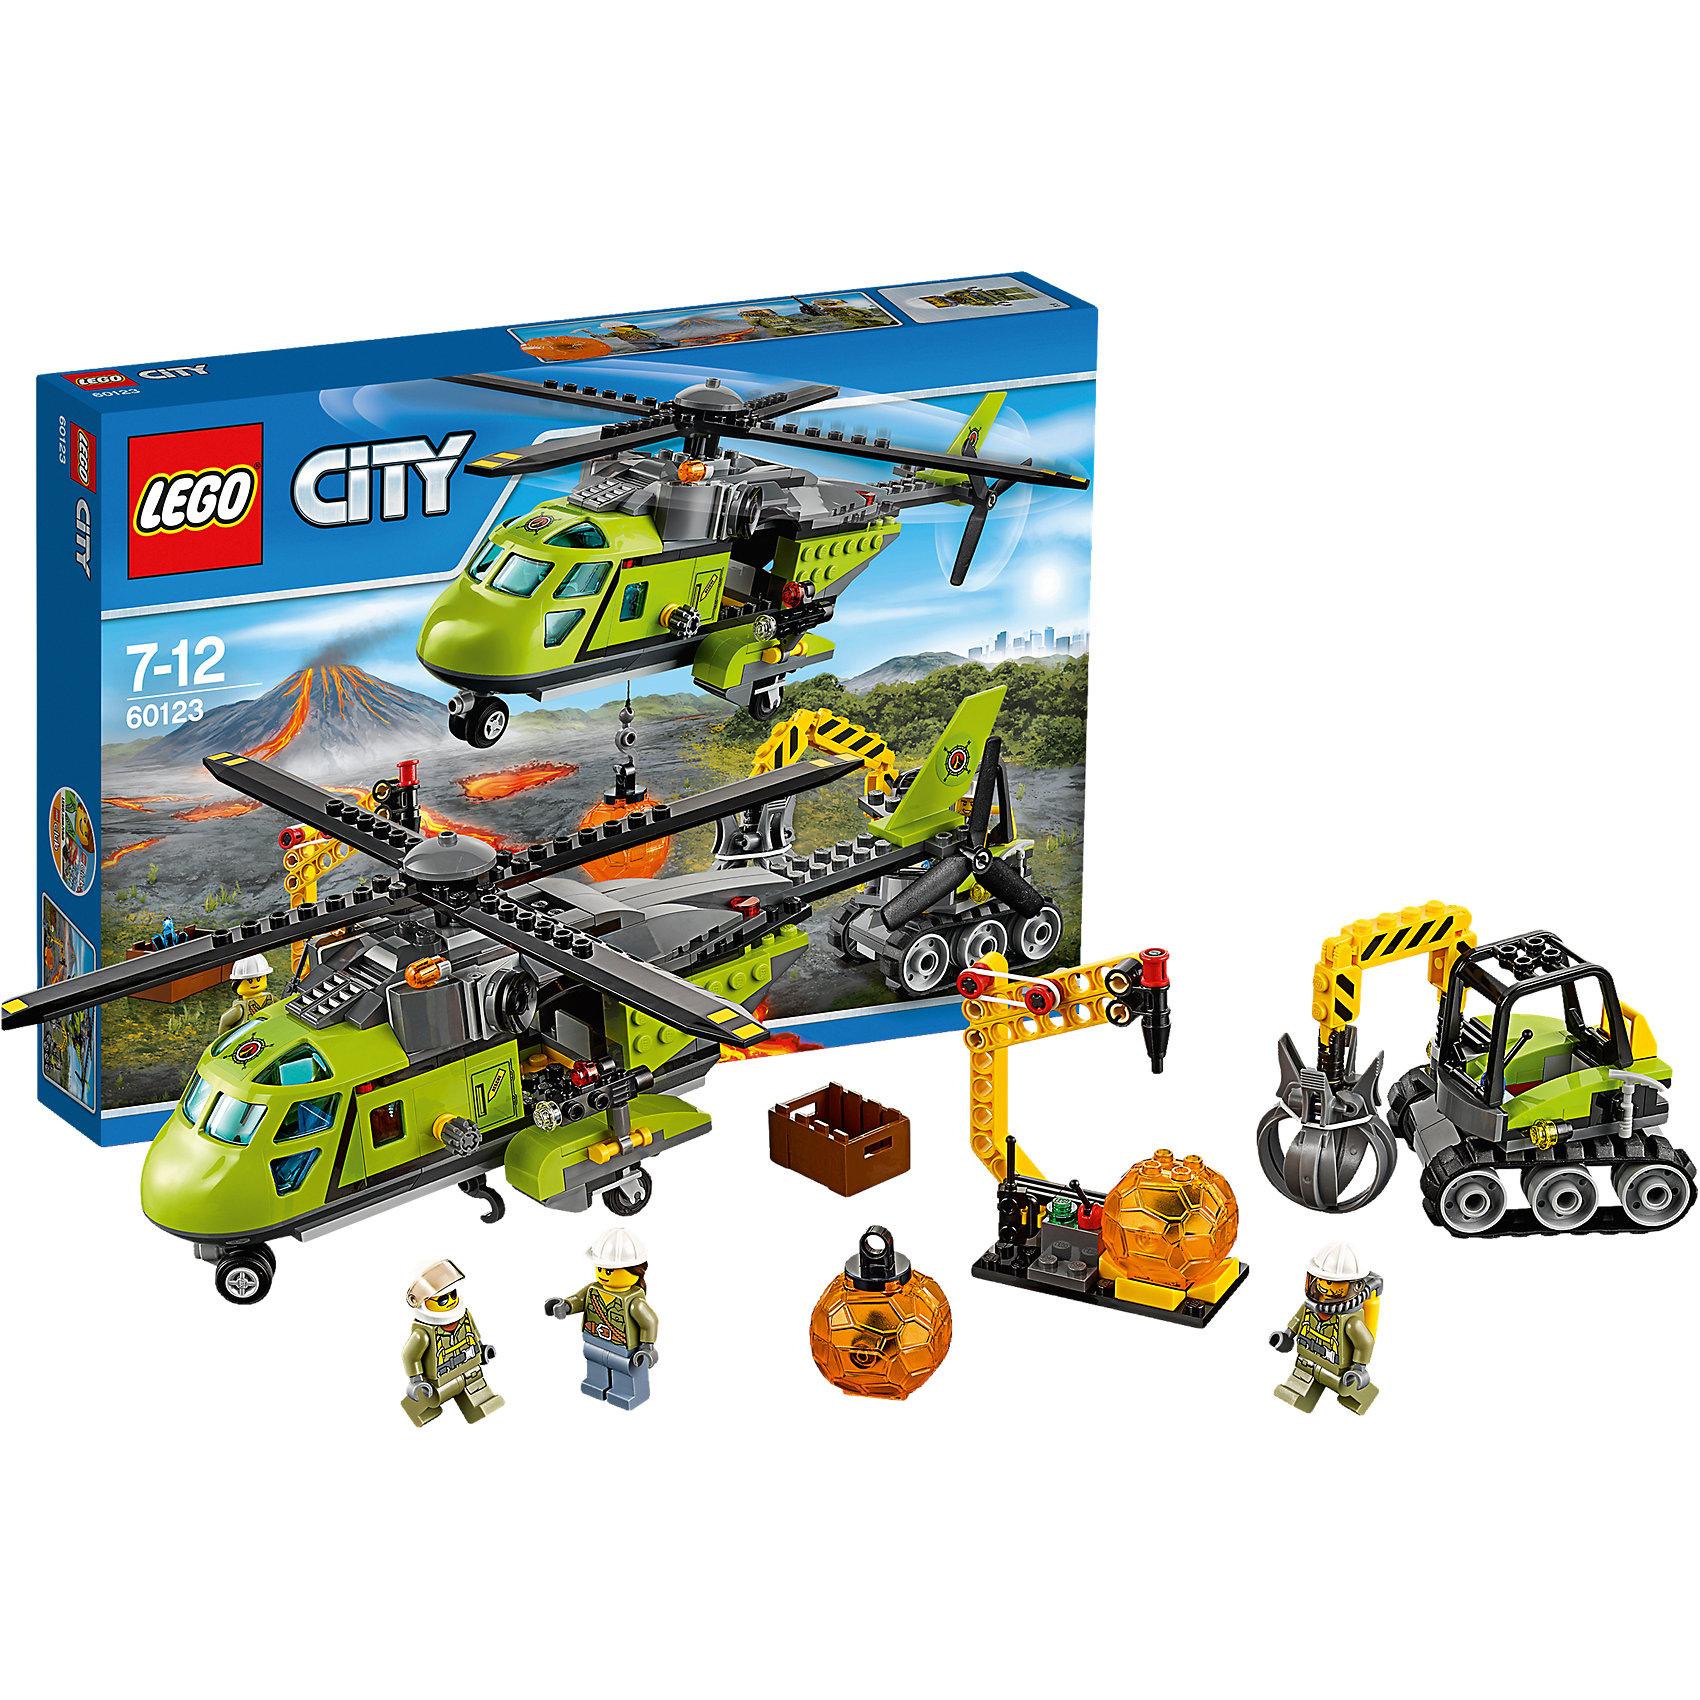 LEGO LEGO City 60123: Грузовой вертолёт исследователей вулканов lego city 60123 лего сити грузовой вертолёт исследователей вулканов